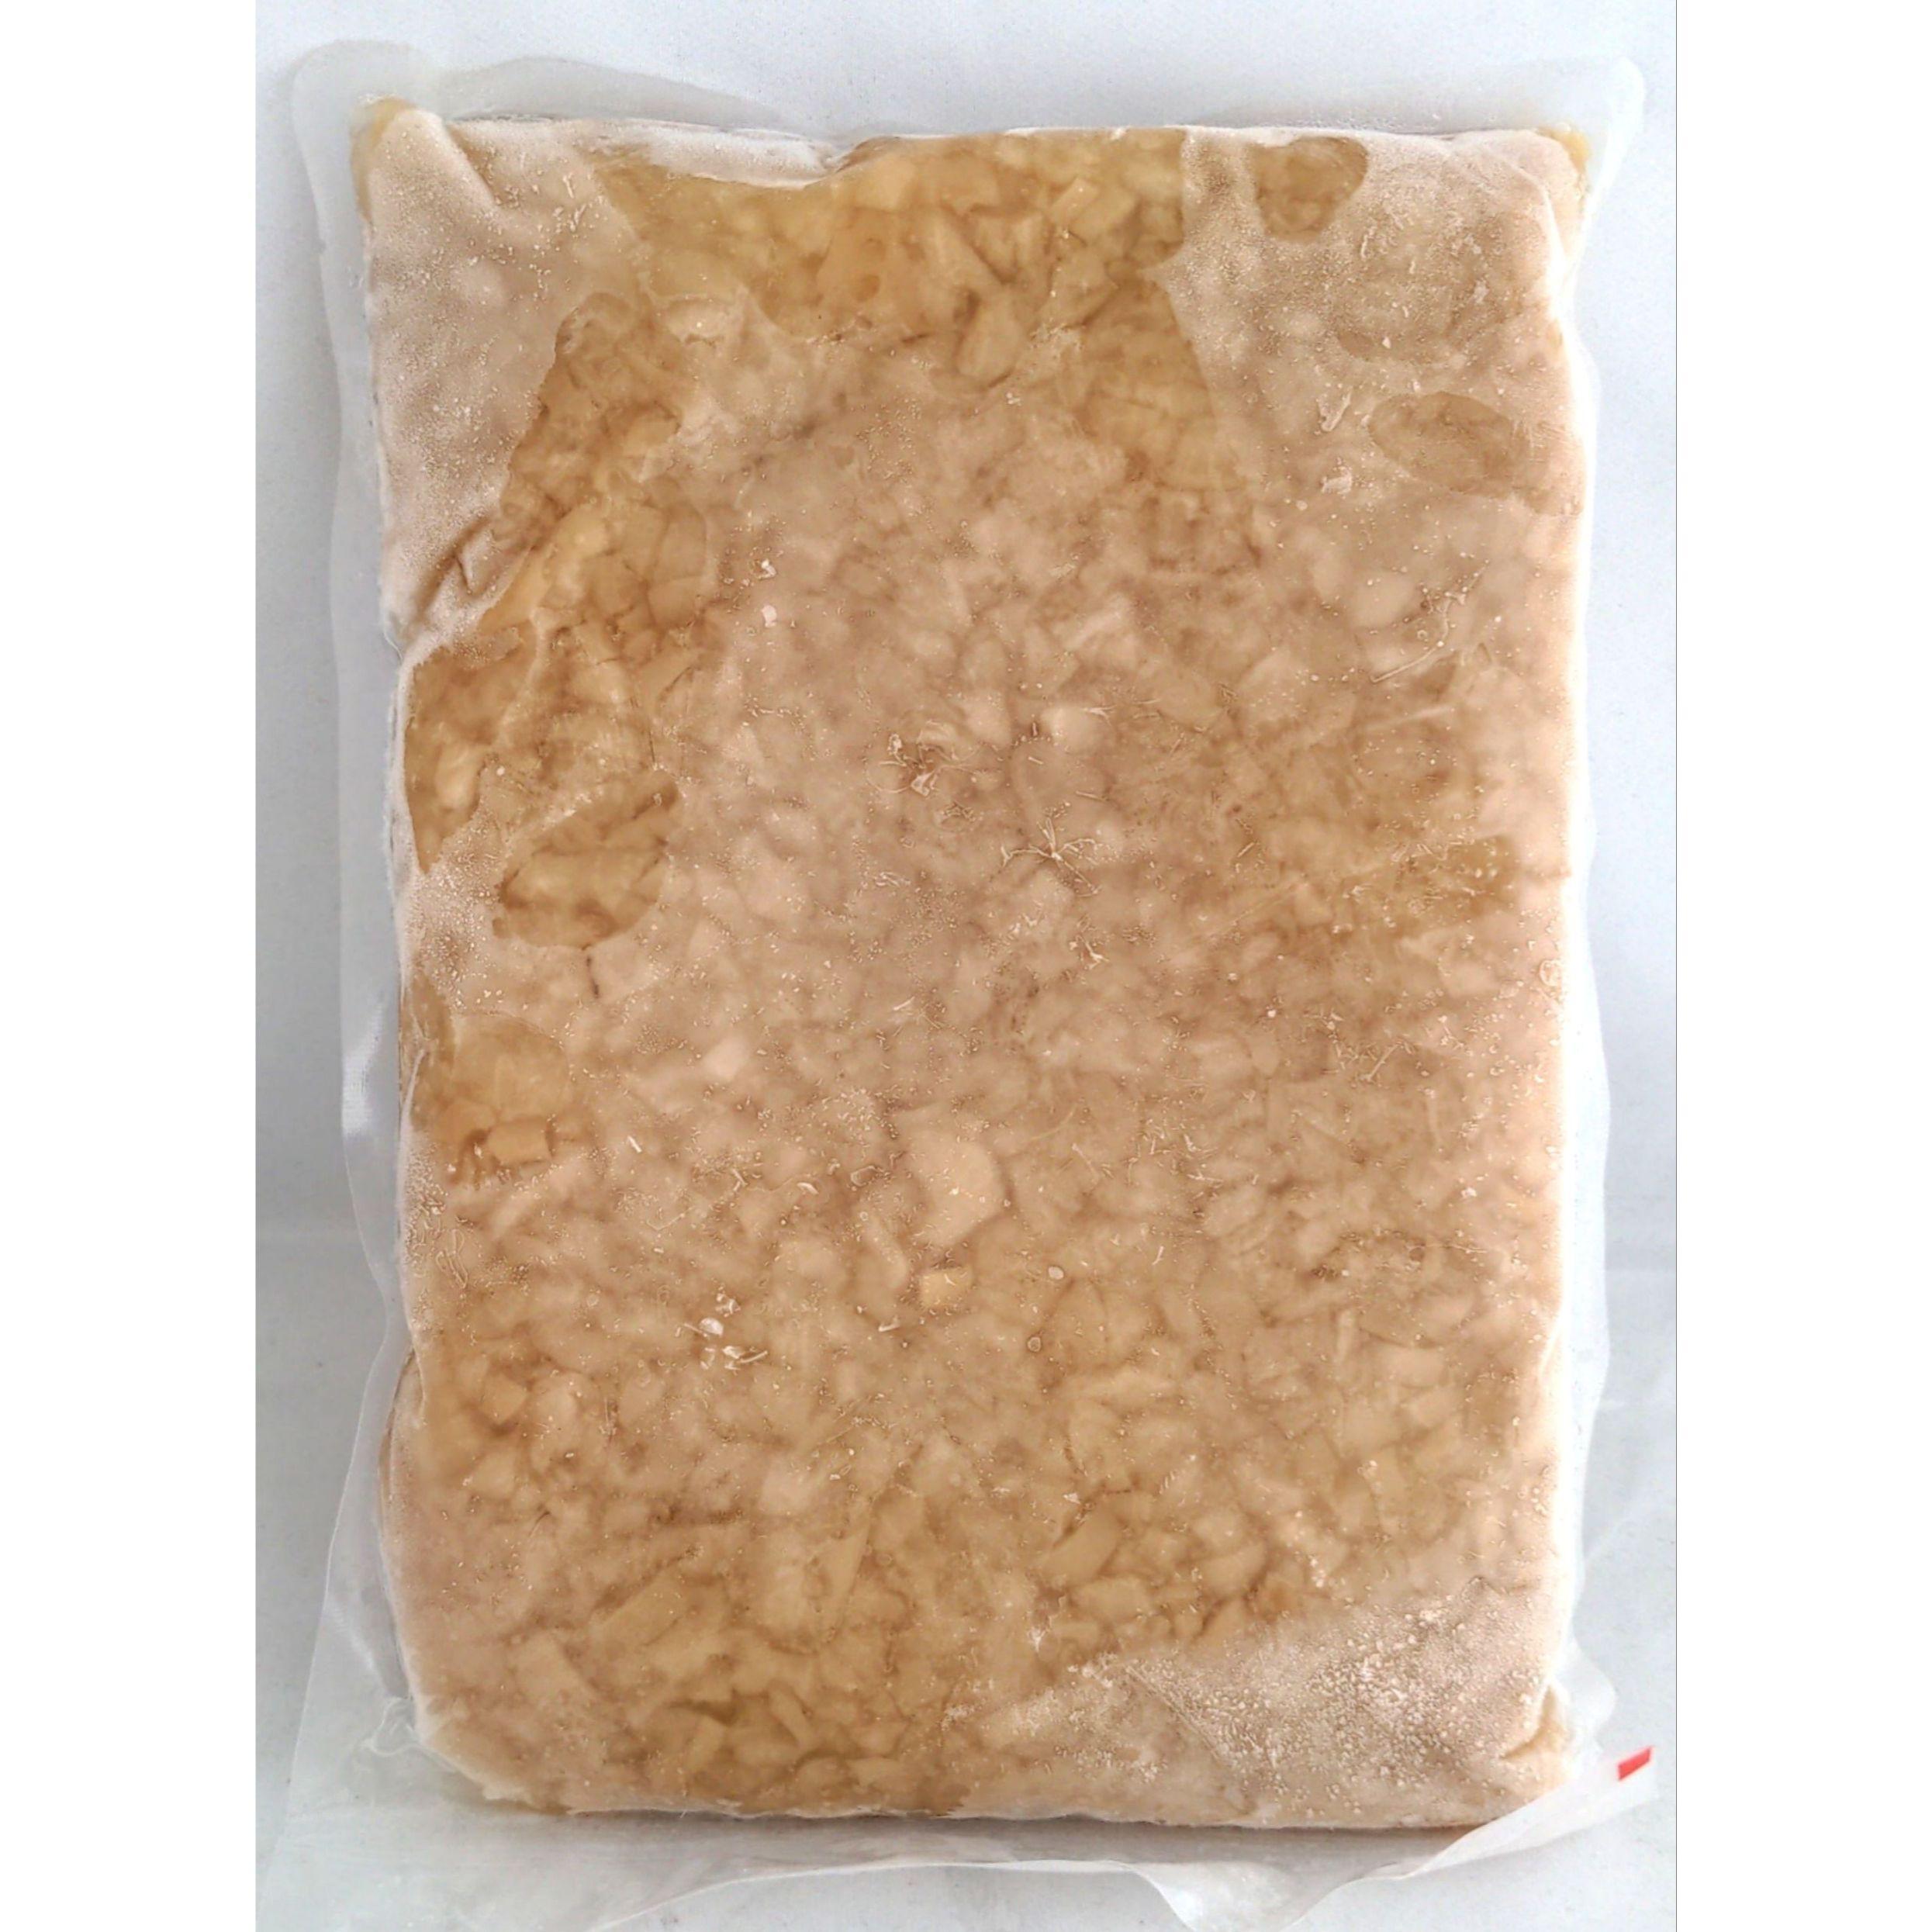 期間限定の激安セール 冷凍便 台湾干し大根 菜脯 台湾産 蘿蔔乾 評価 1kg